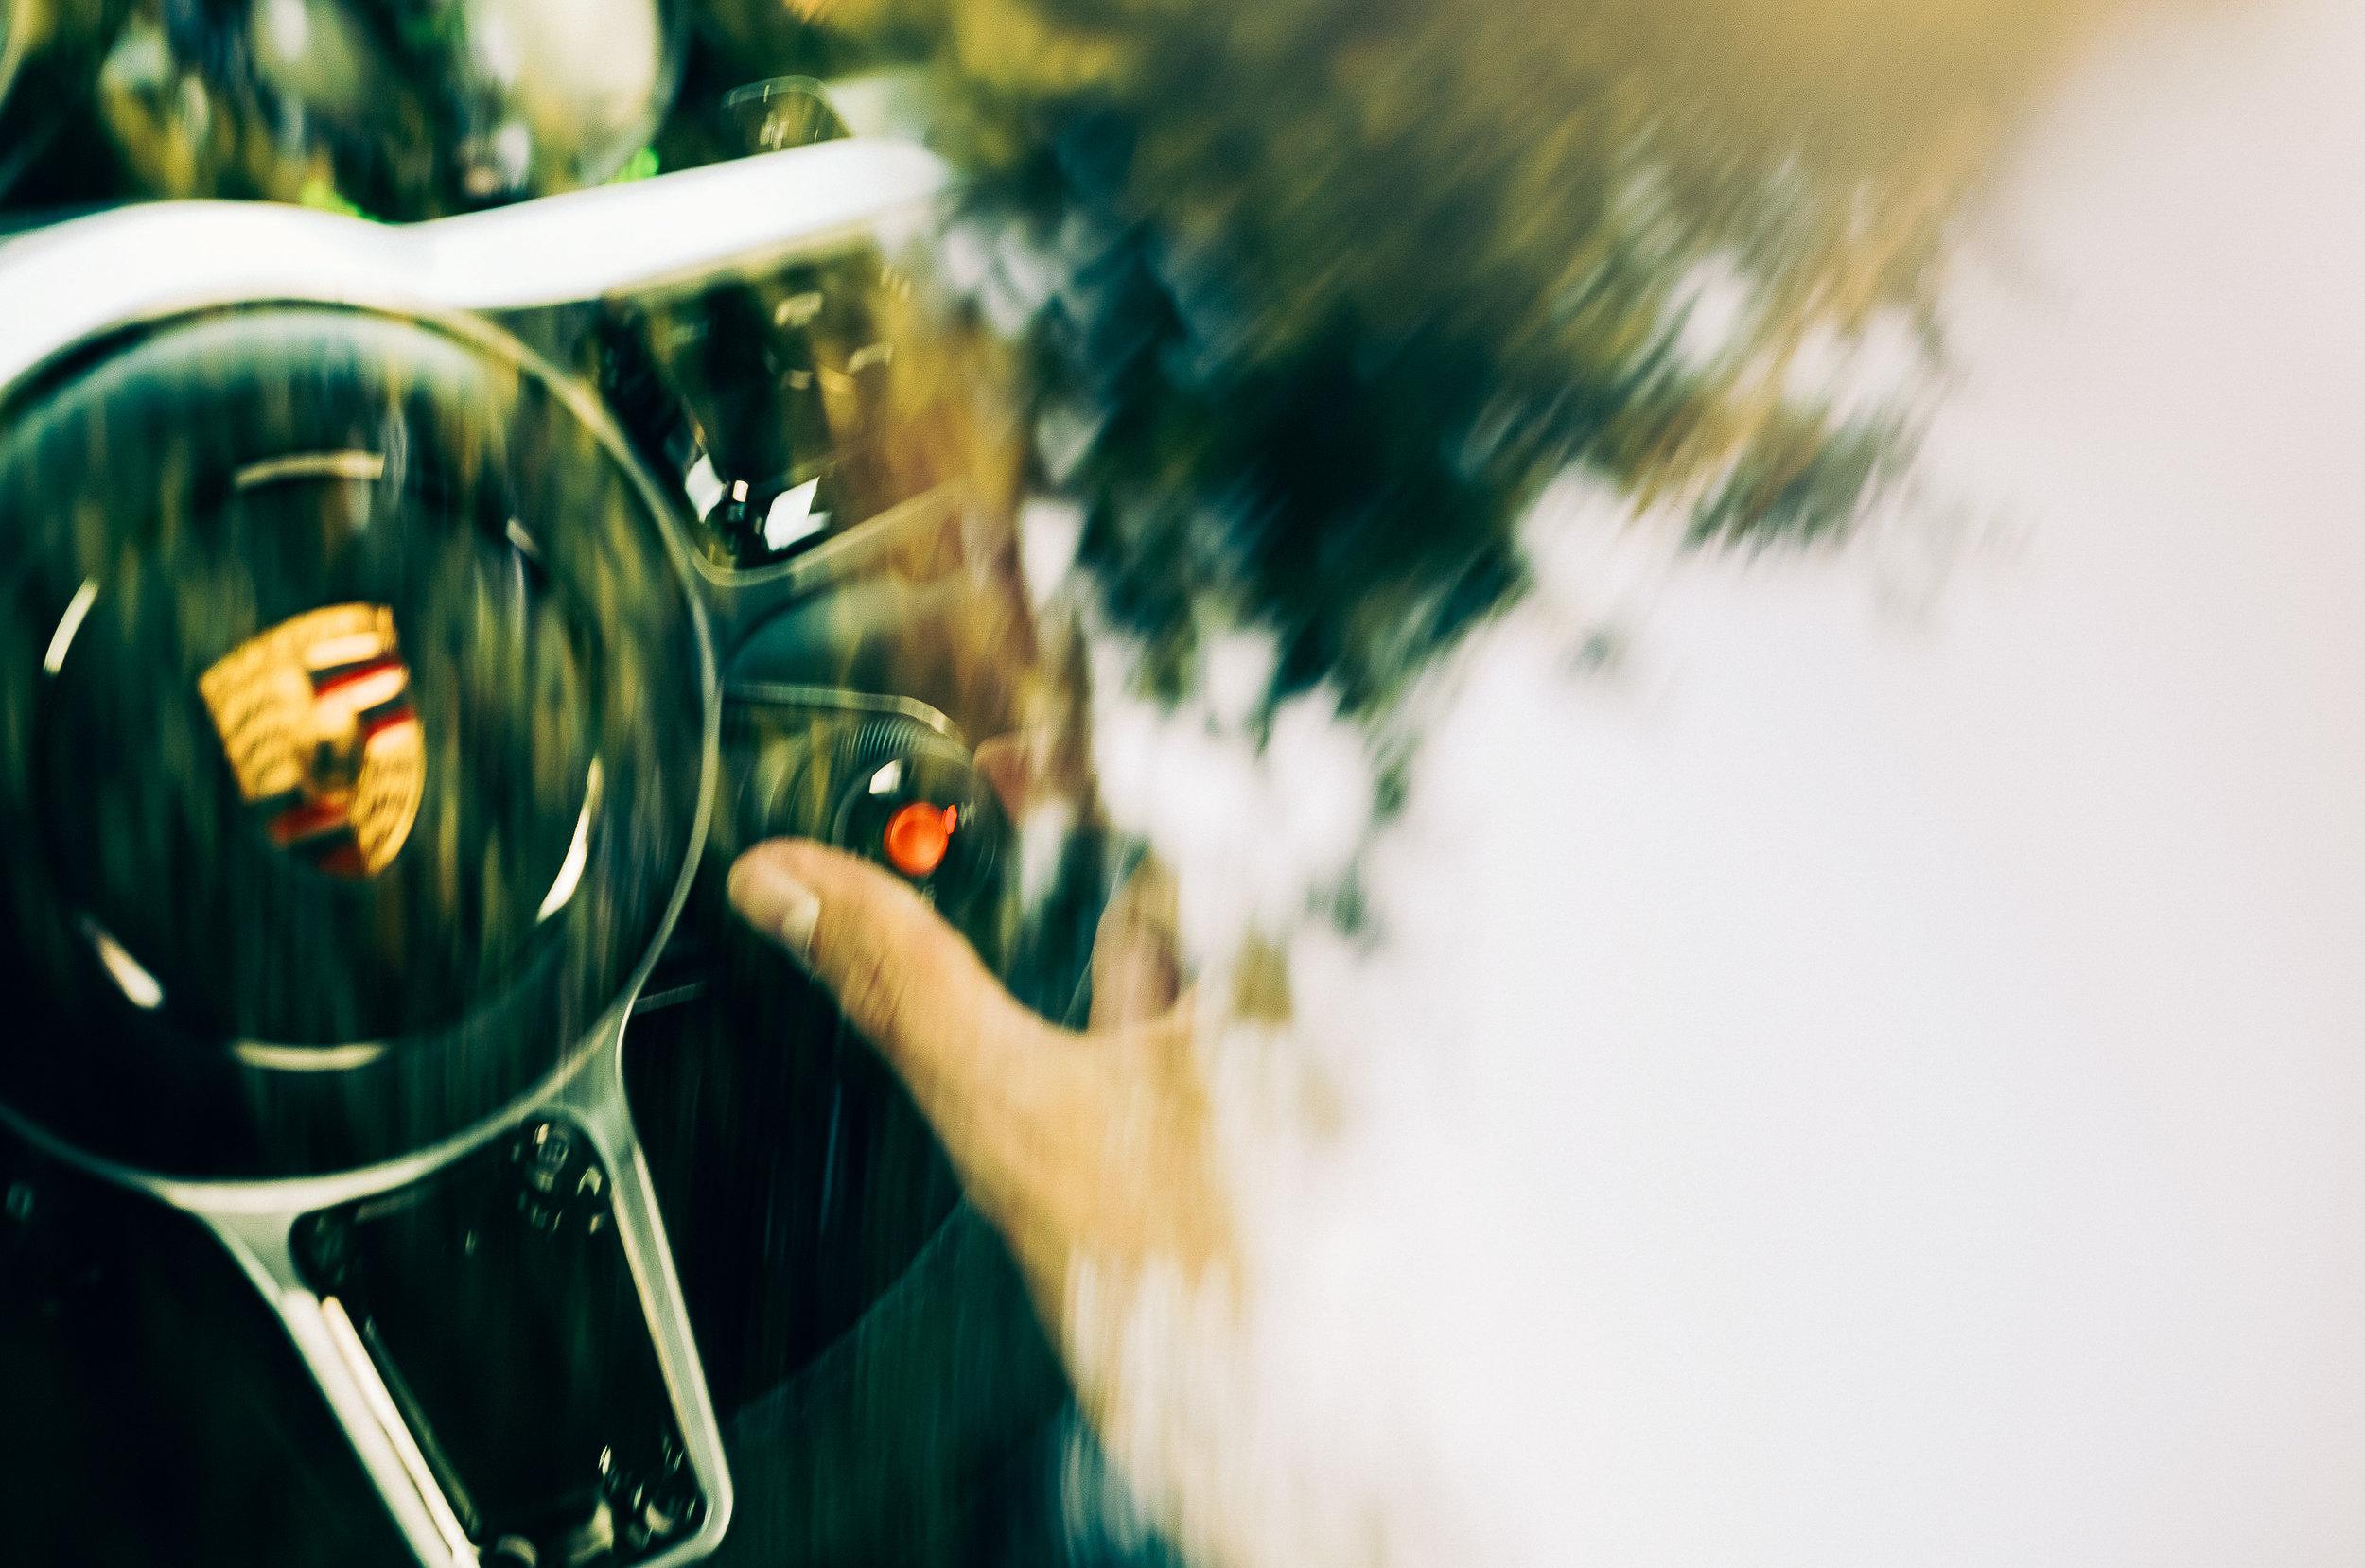 Nurburgring Henry Phillips08_1.jpg